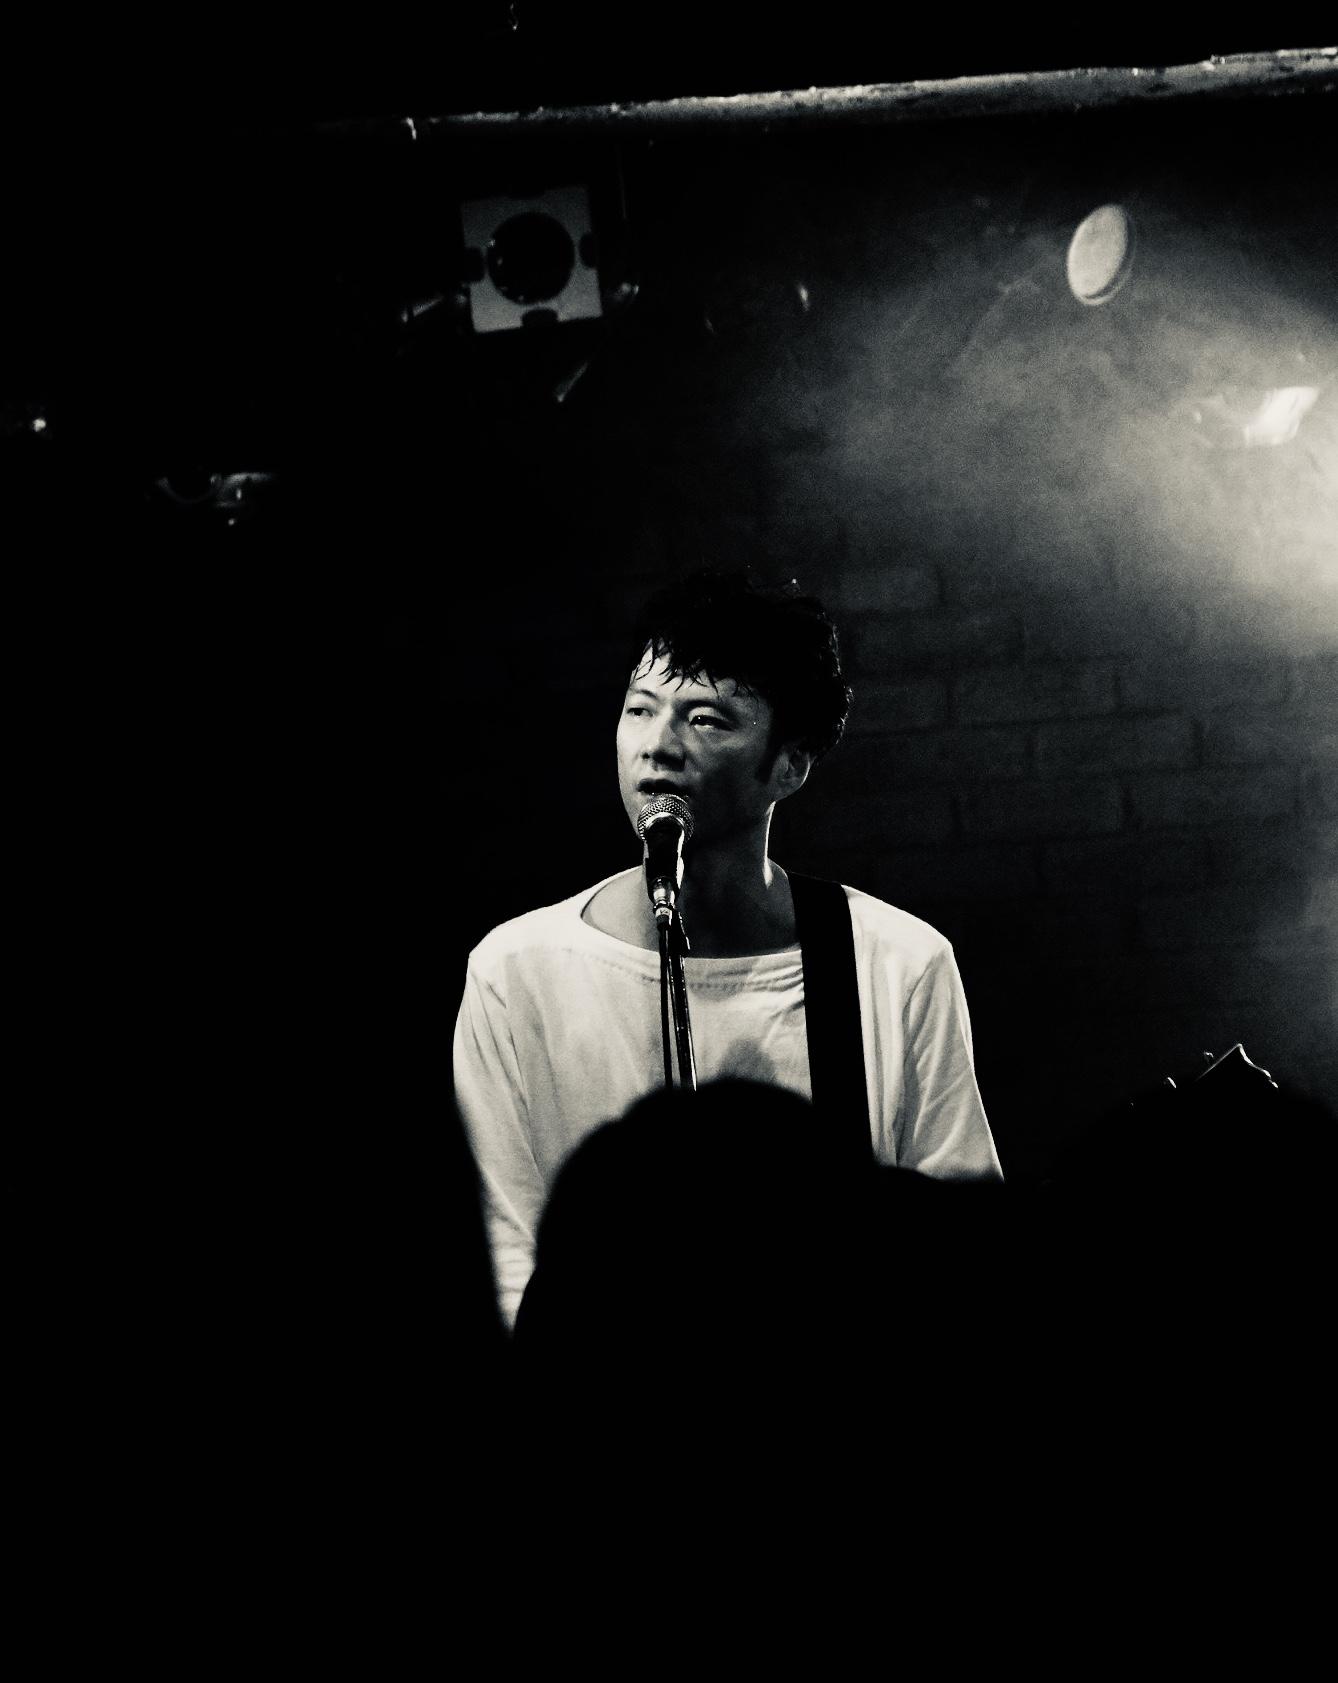 ムジカジャポニカ14周年後の祭りスペシャル『奇妙礼太郎とムジカの蜜二日間〜其の二』40名限定ライブ!